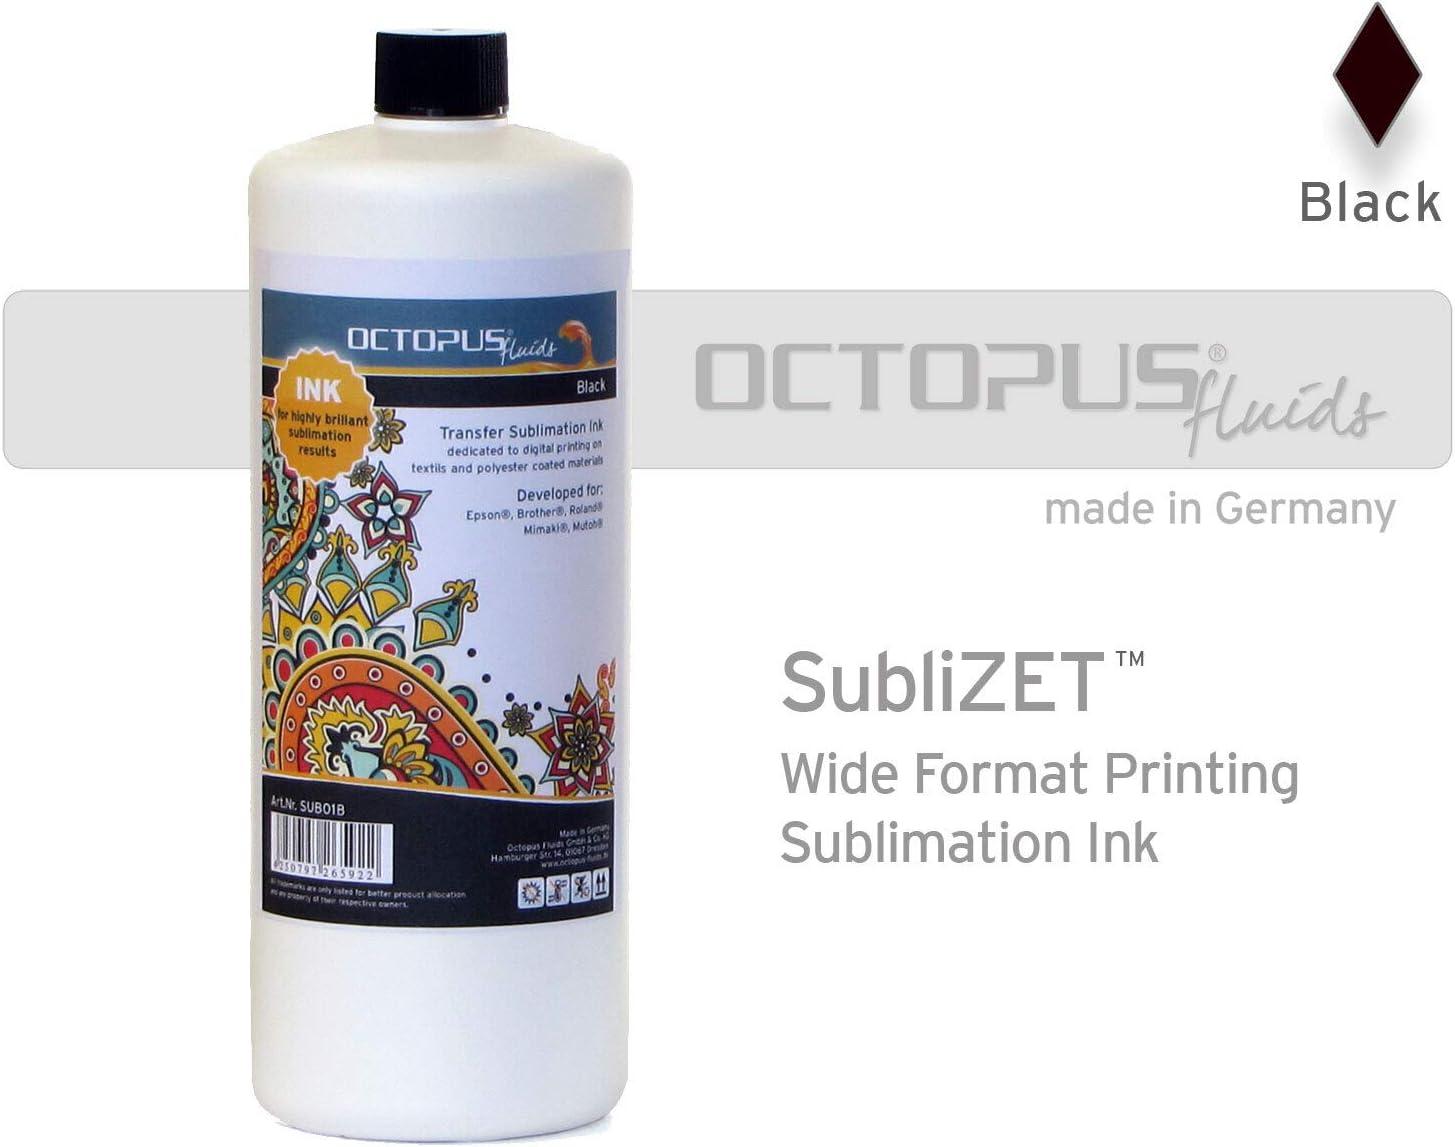 1 litro Tinta de sublimación compatible con Epson, Brother, Roland, Mimaki, magenta: Amazon.es: Oficina y papelería